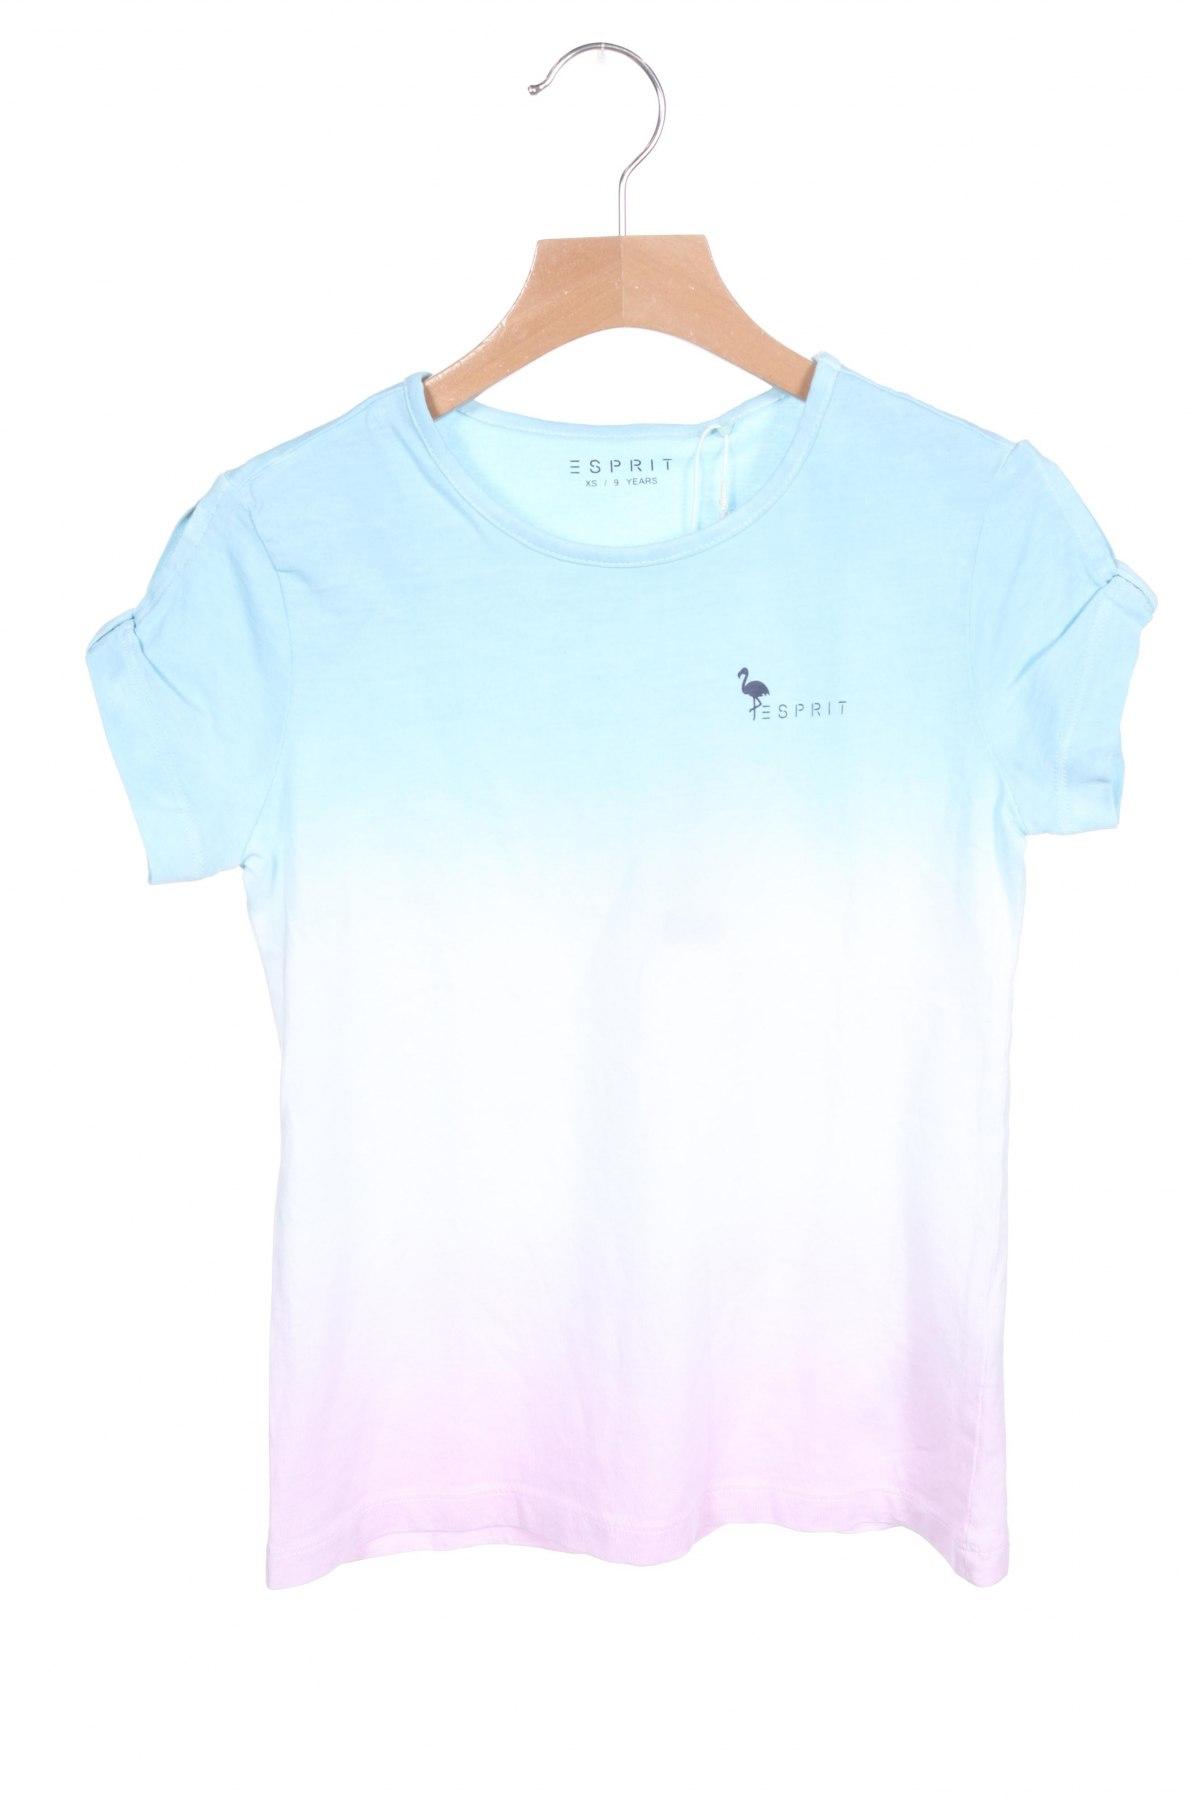 Παιδική μπλούζα Esprit, Μέγεθος 8-9y/ 134-140 εκ., Χρώμα Πολύχρωμο, Βαμβάκι, Τιμή 13,07€